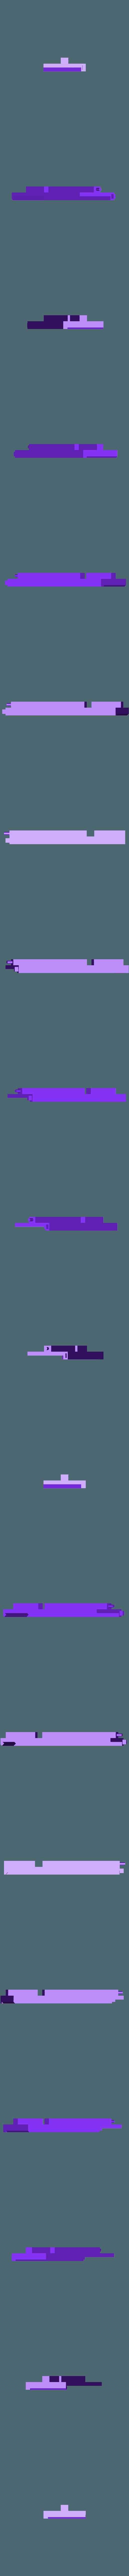 rampe 1.2.stl Télécharger fichier STL Pont 4 colonnes pour garage 1/10 • Design pour impression 3D, RCGANG93